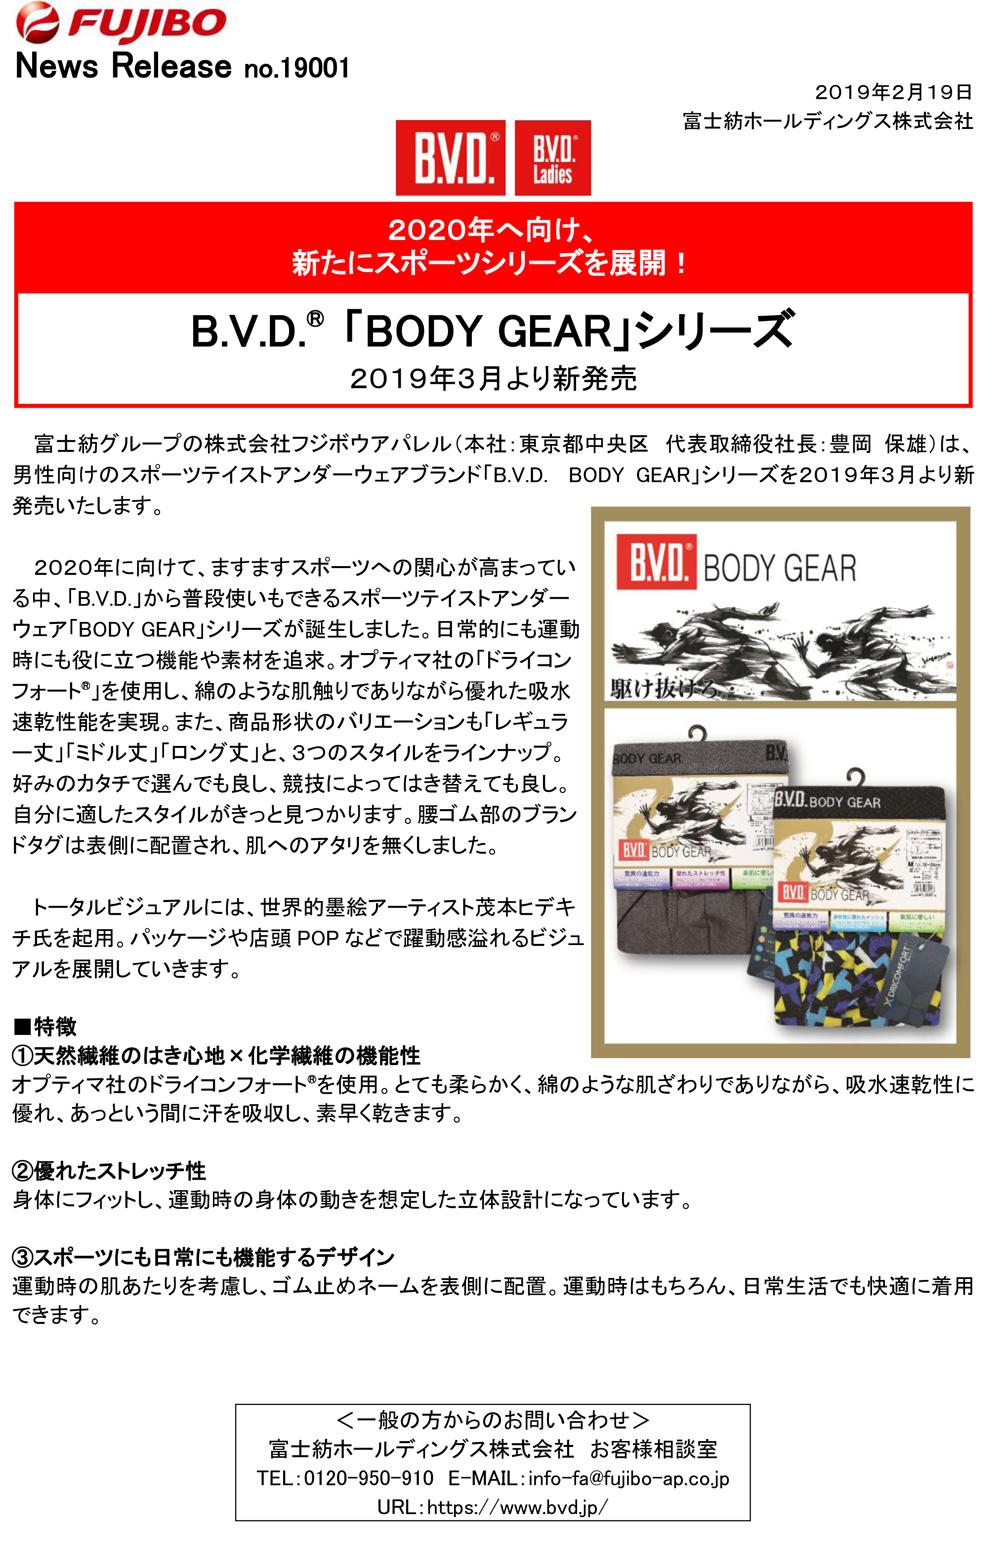 BODY GEAR-1